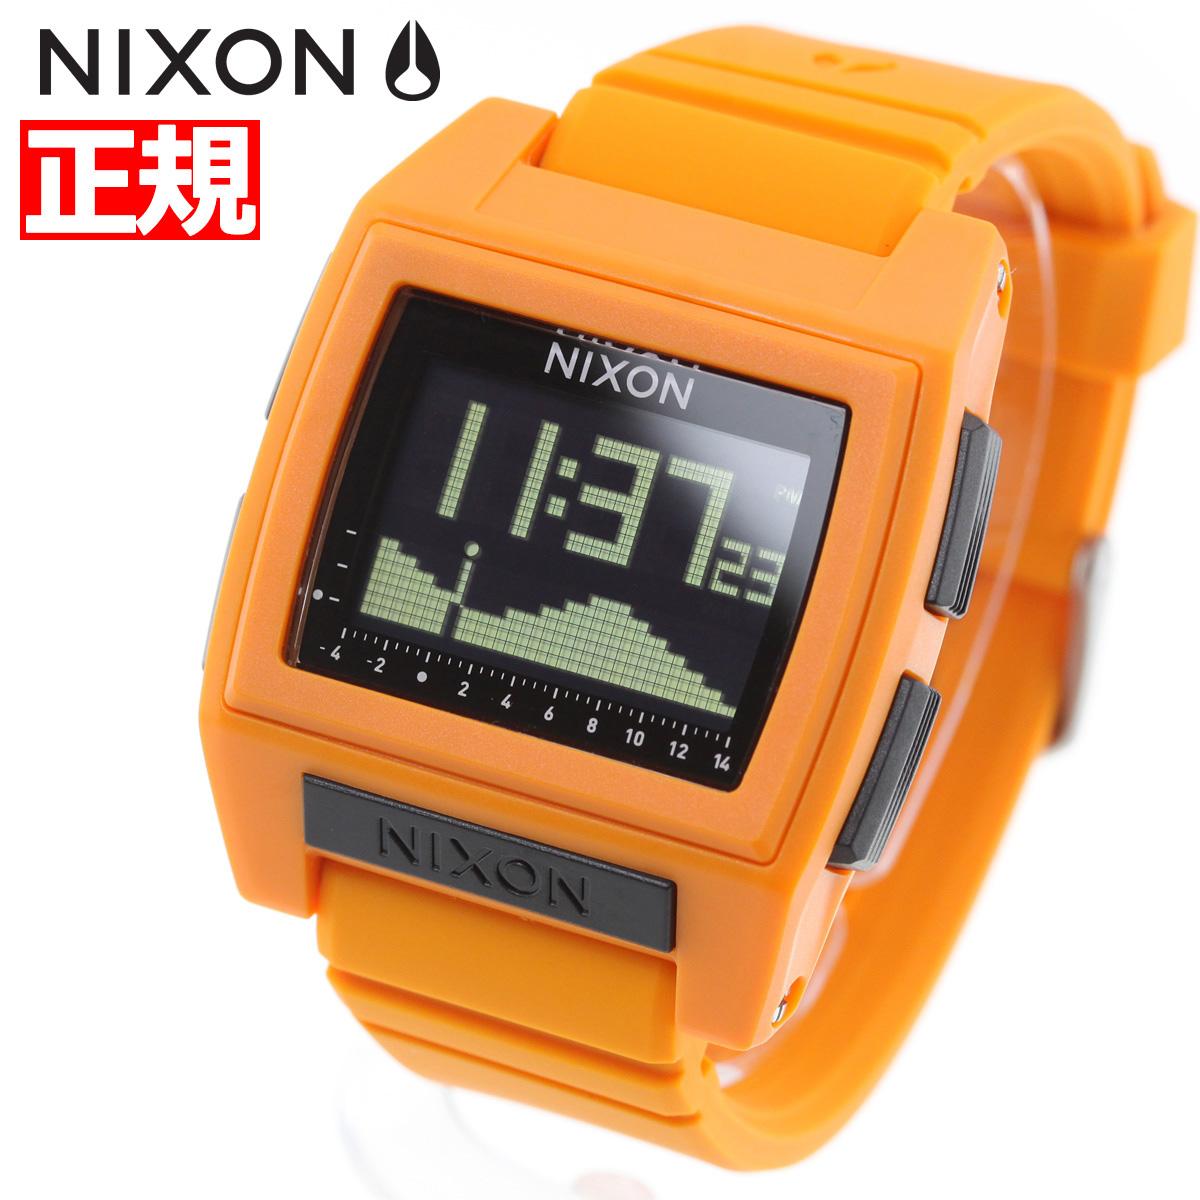 ニクソン NIXON ベースタイド プロ BASE TIDE PRO 腕時計 メンズ レディース ORANGE NA1212211-00【2018 新作】